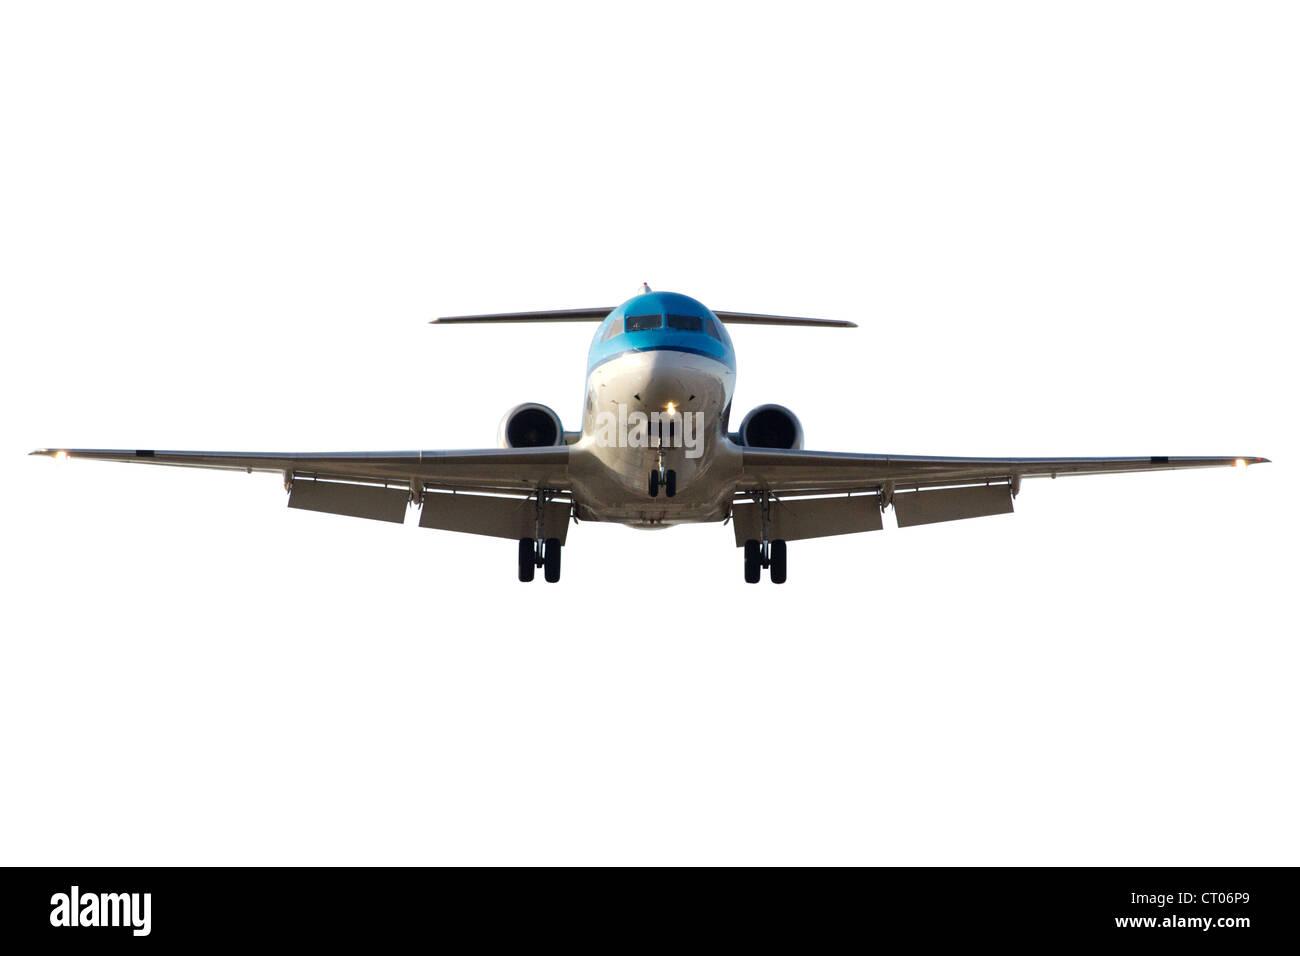 Vista frontal de un avión aterrizando. Aislada con trazado de recorte Imagen De Stock